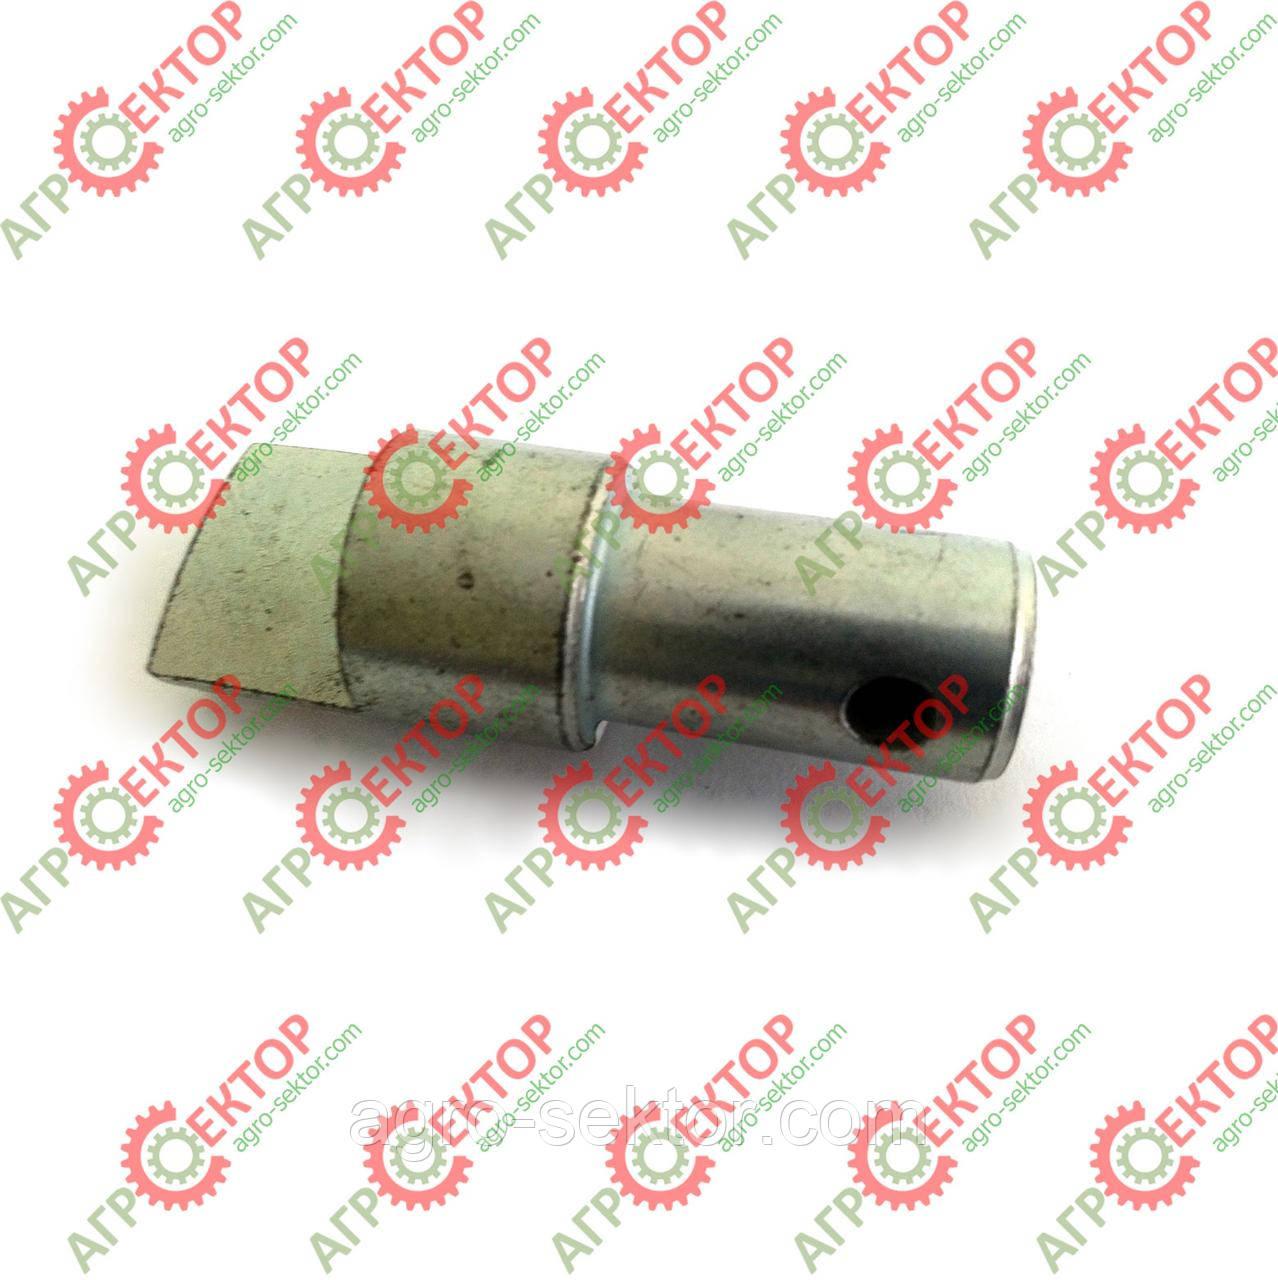 Палець механізму включення вязальных аппаратов прес-підбирача Claas Markant 002162